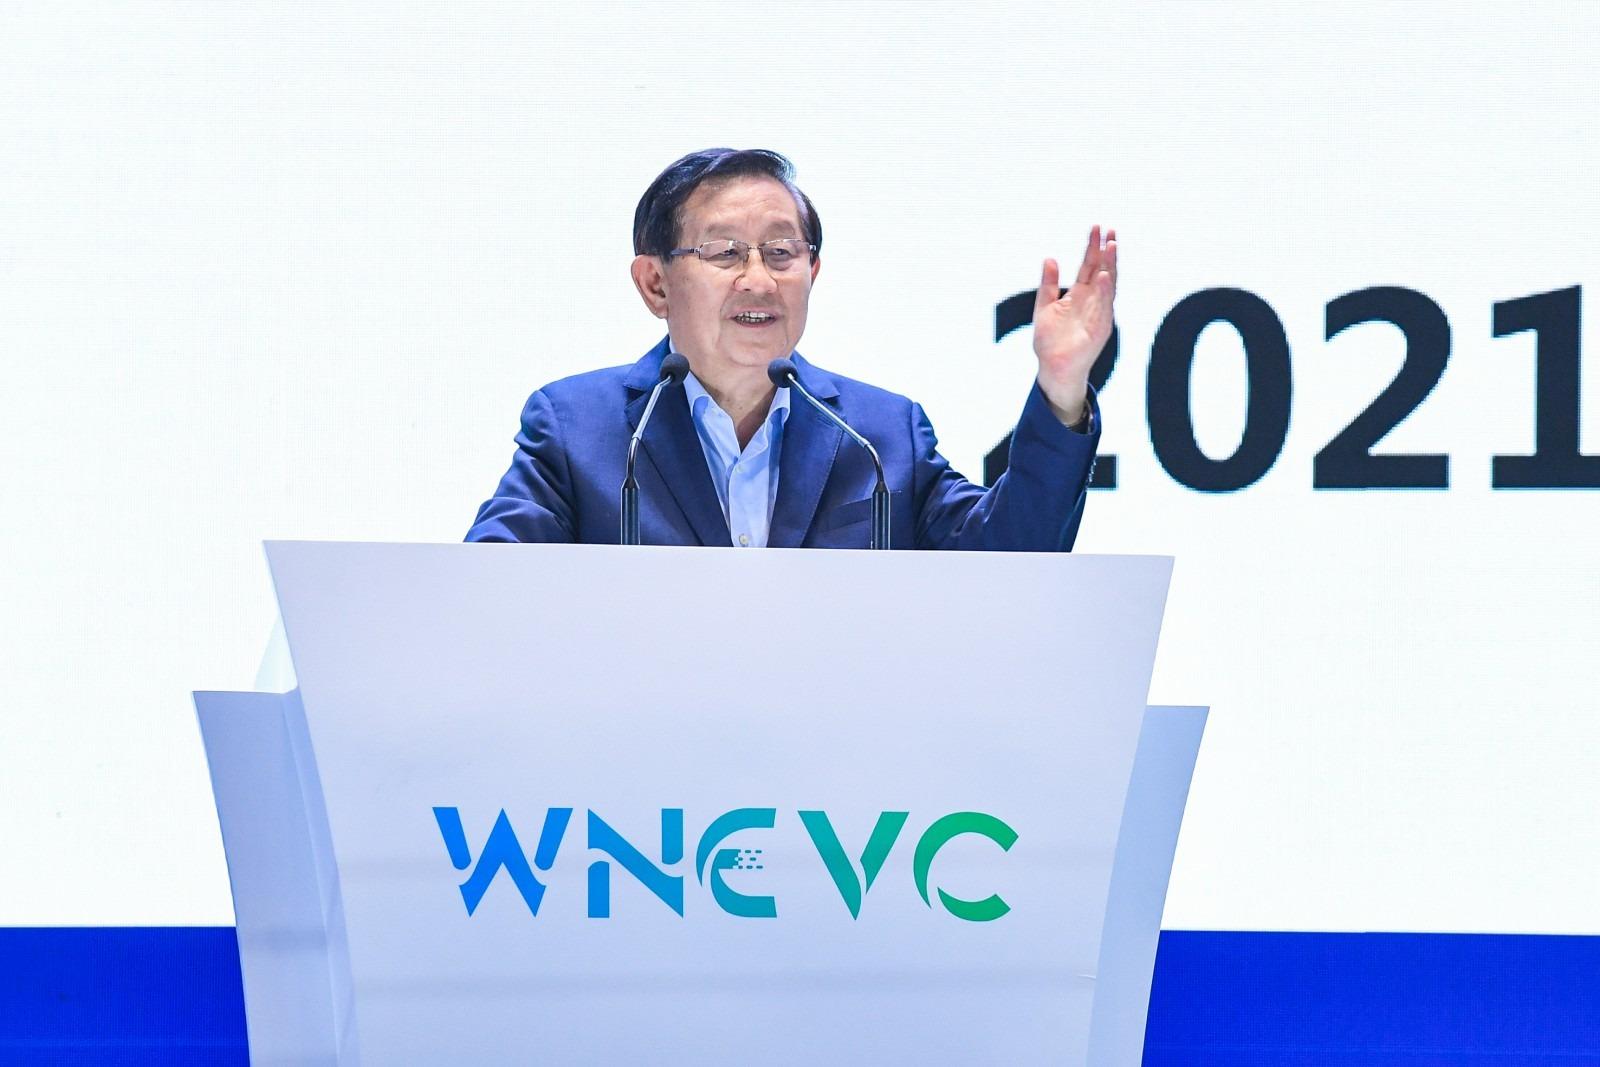 WNEVC 2021 |万钢:跨界协同 聚合赋能,助力全球汽车产业绿色低碳发展